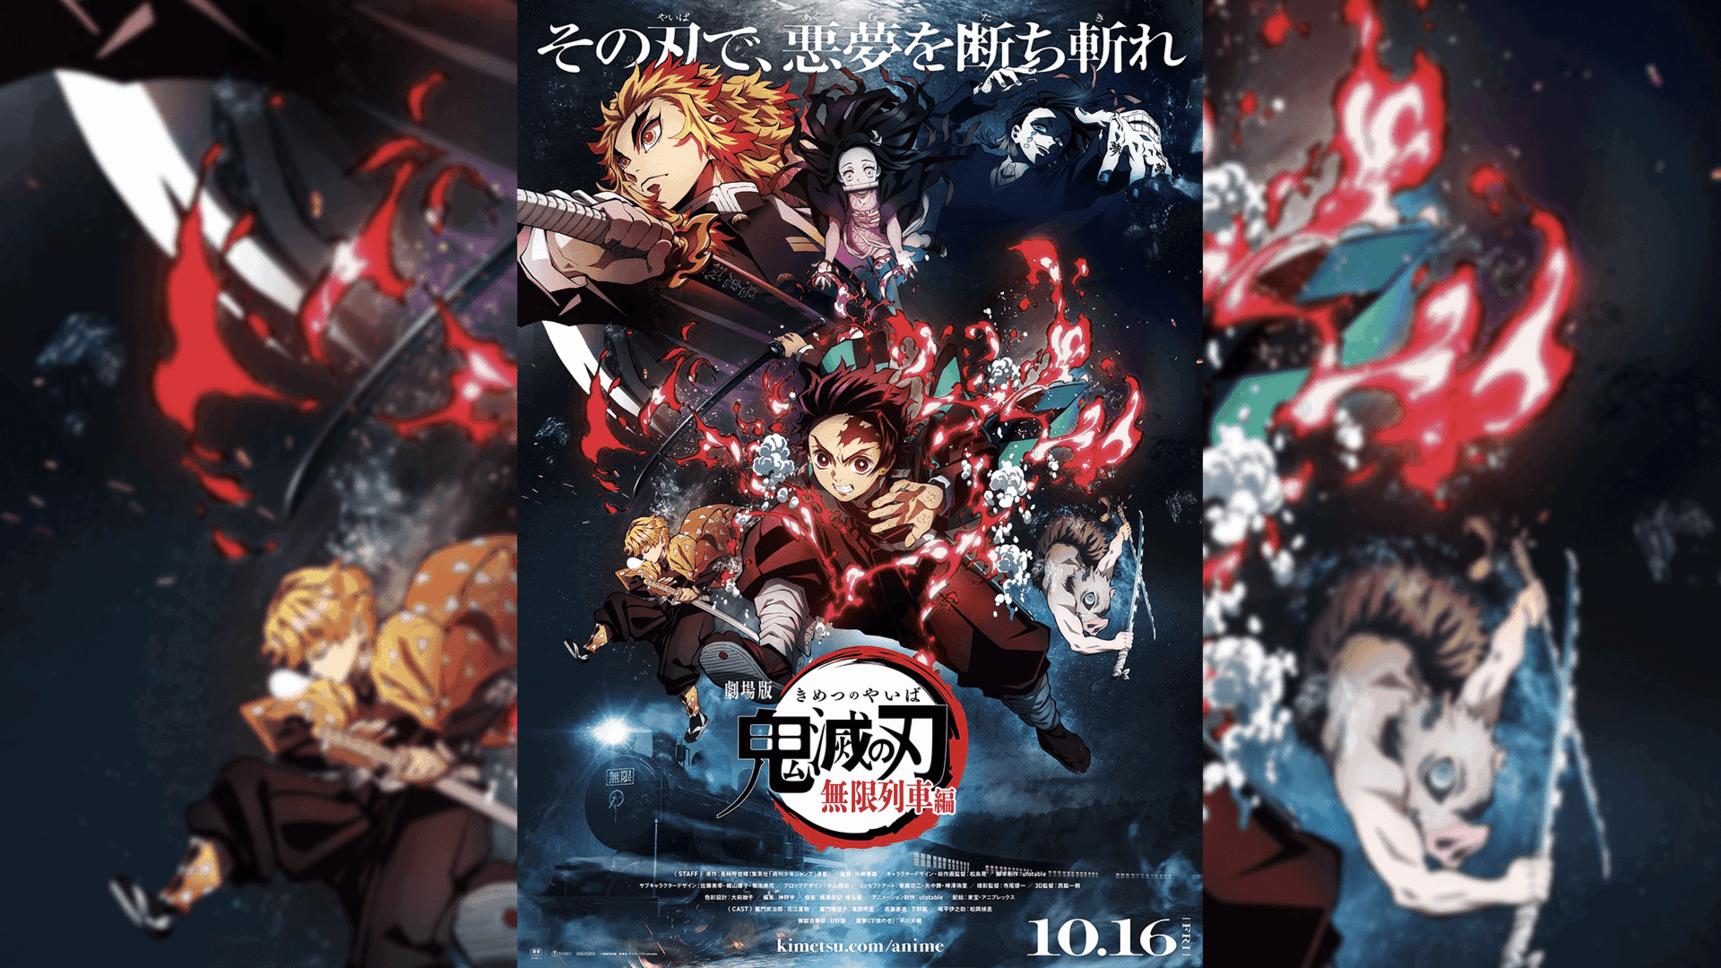 Demon Slayer Kimetsu no Yaiba The Movie Mugen Train poster big